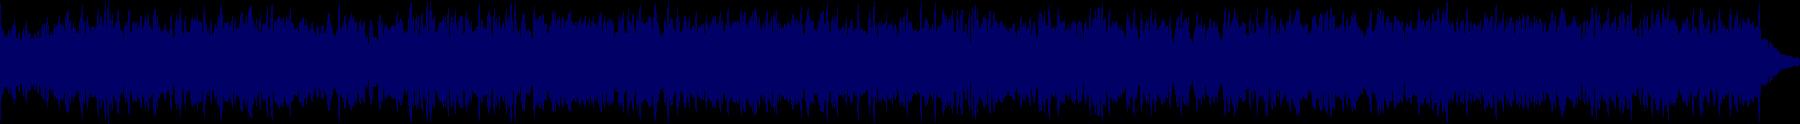 waveform of track #71484